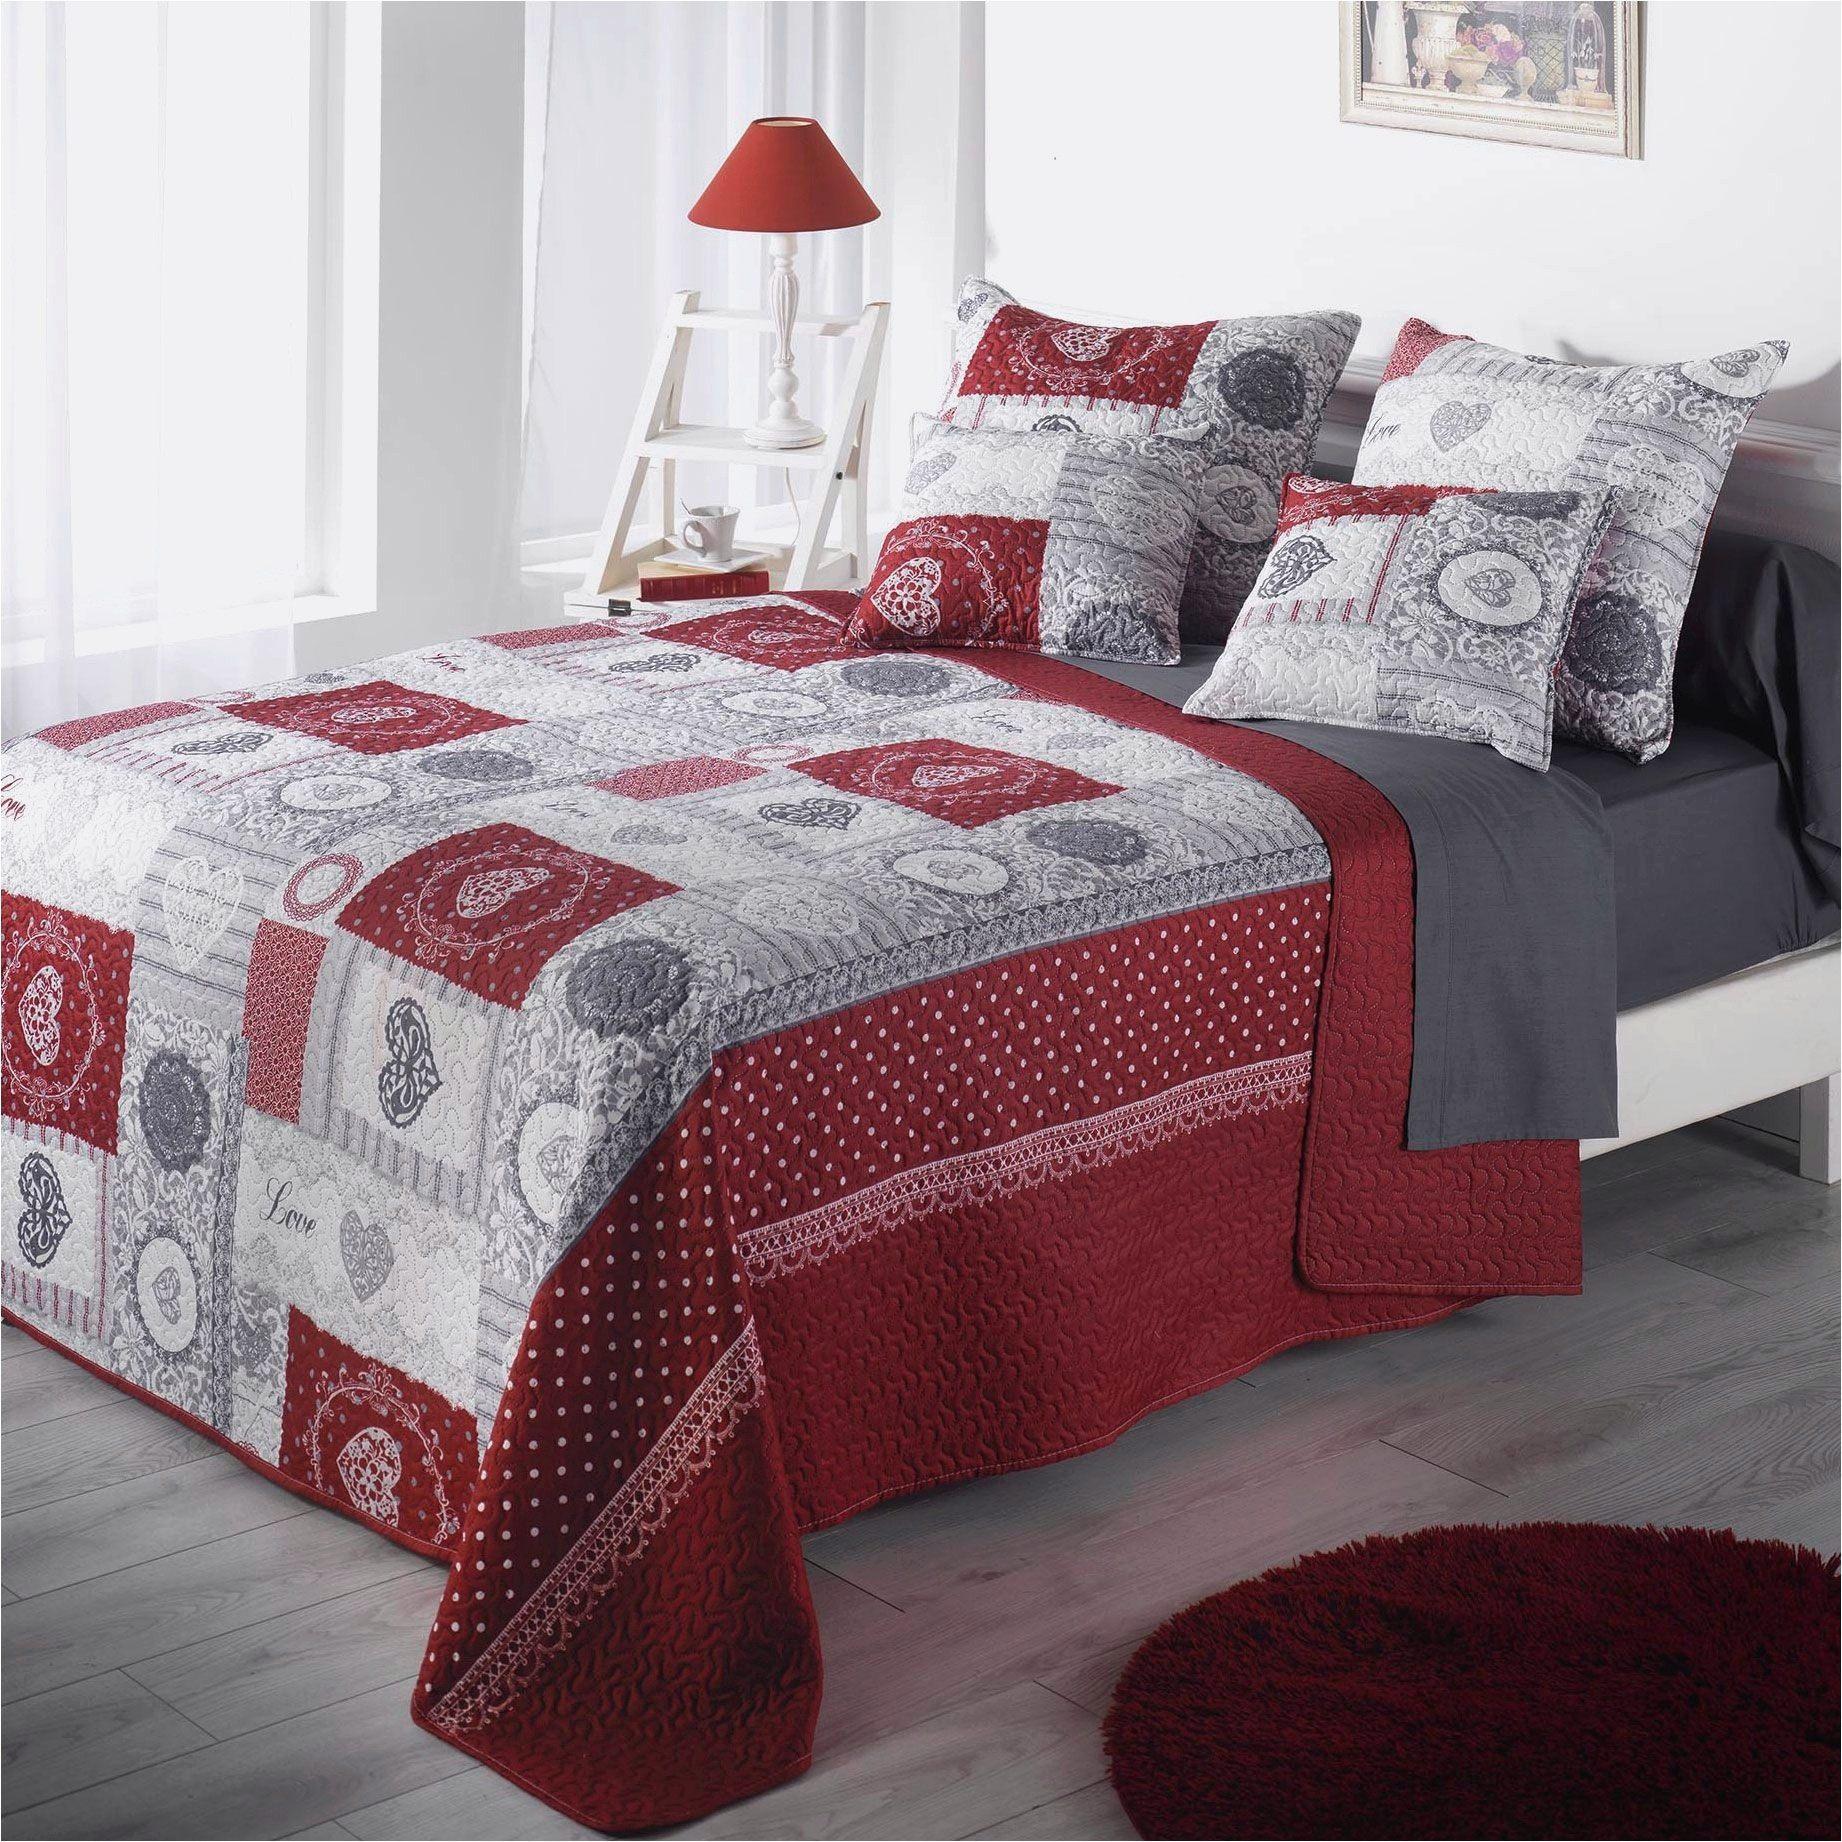 couvre lit pas cher l gant couvre lit une personne pas. Black Bedroom Furniture Sets. Home Design Ideas